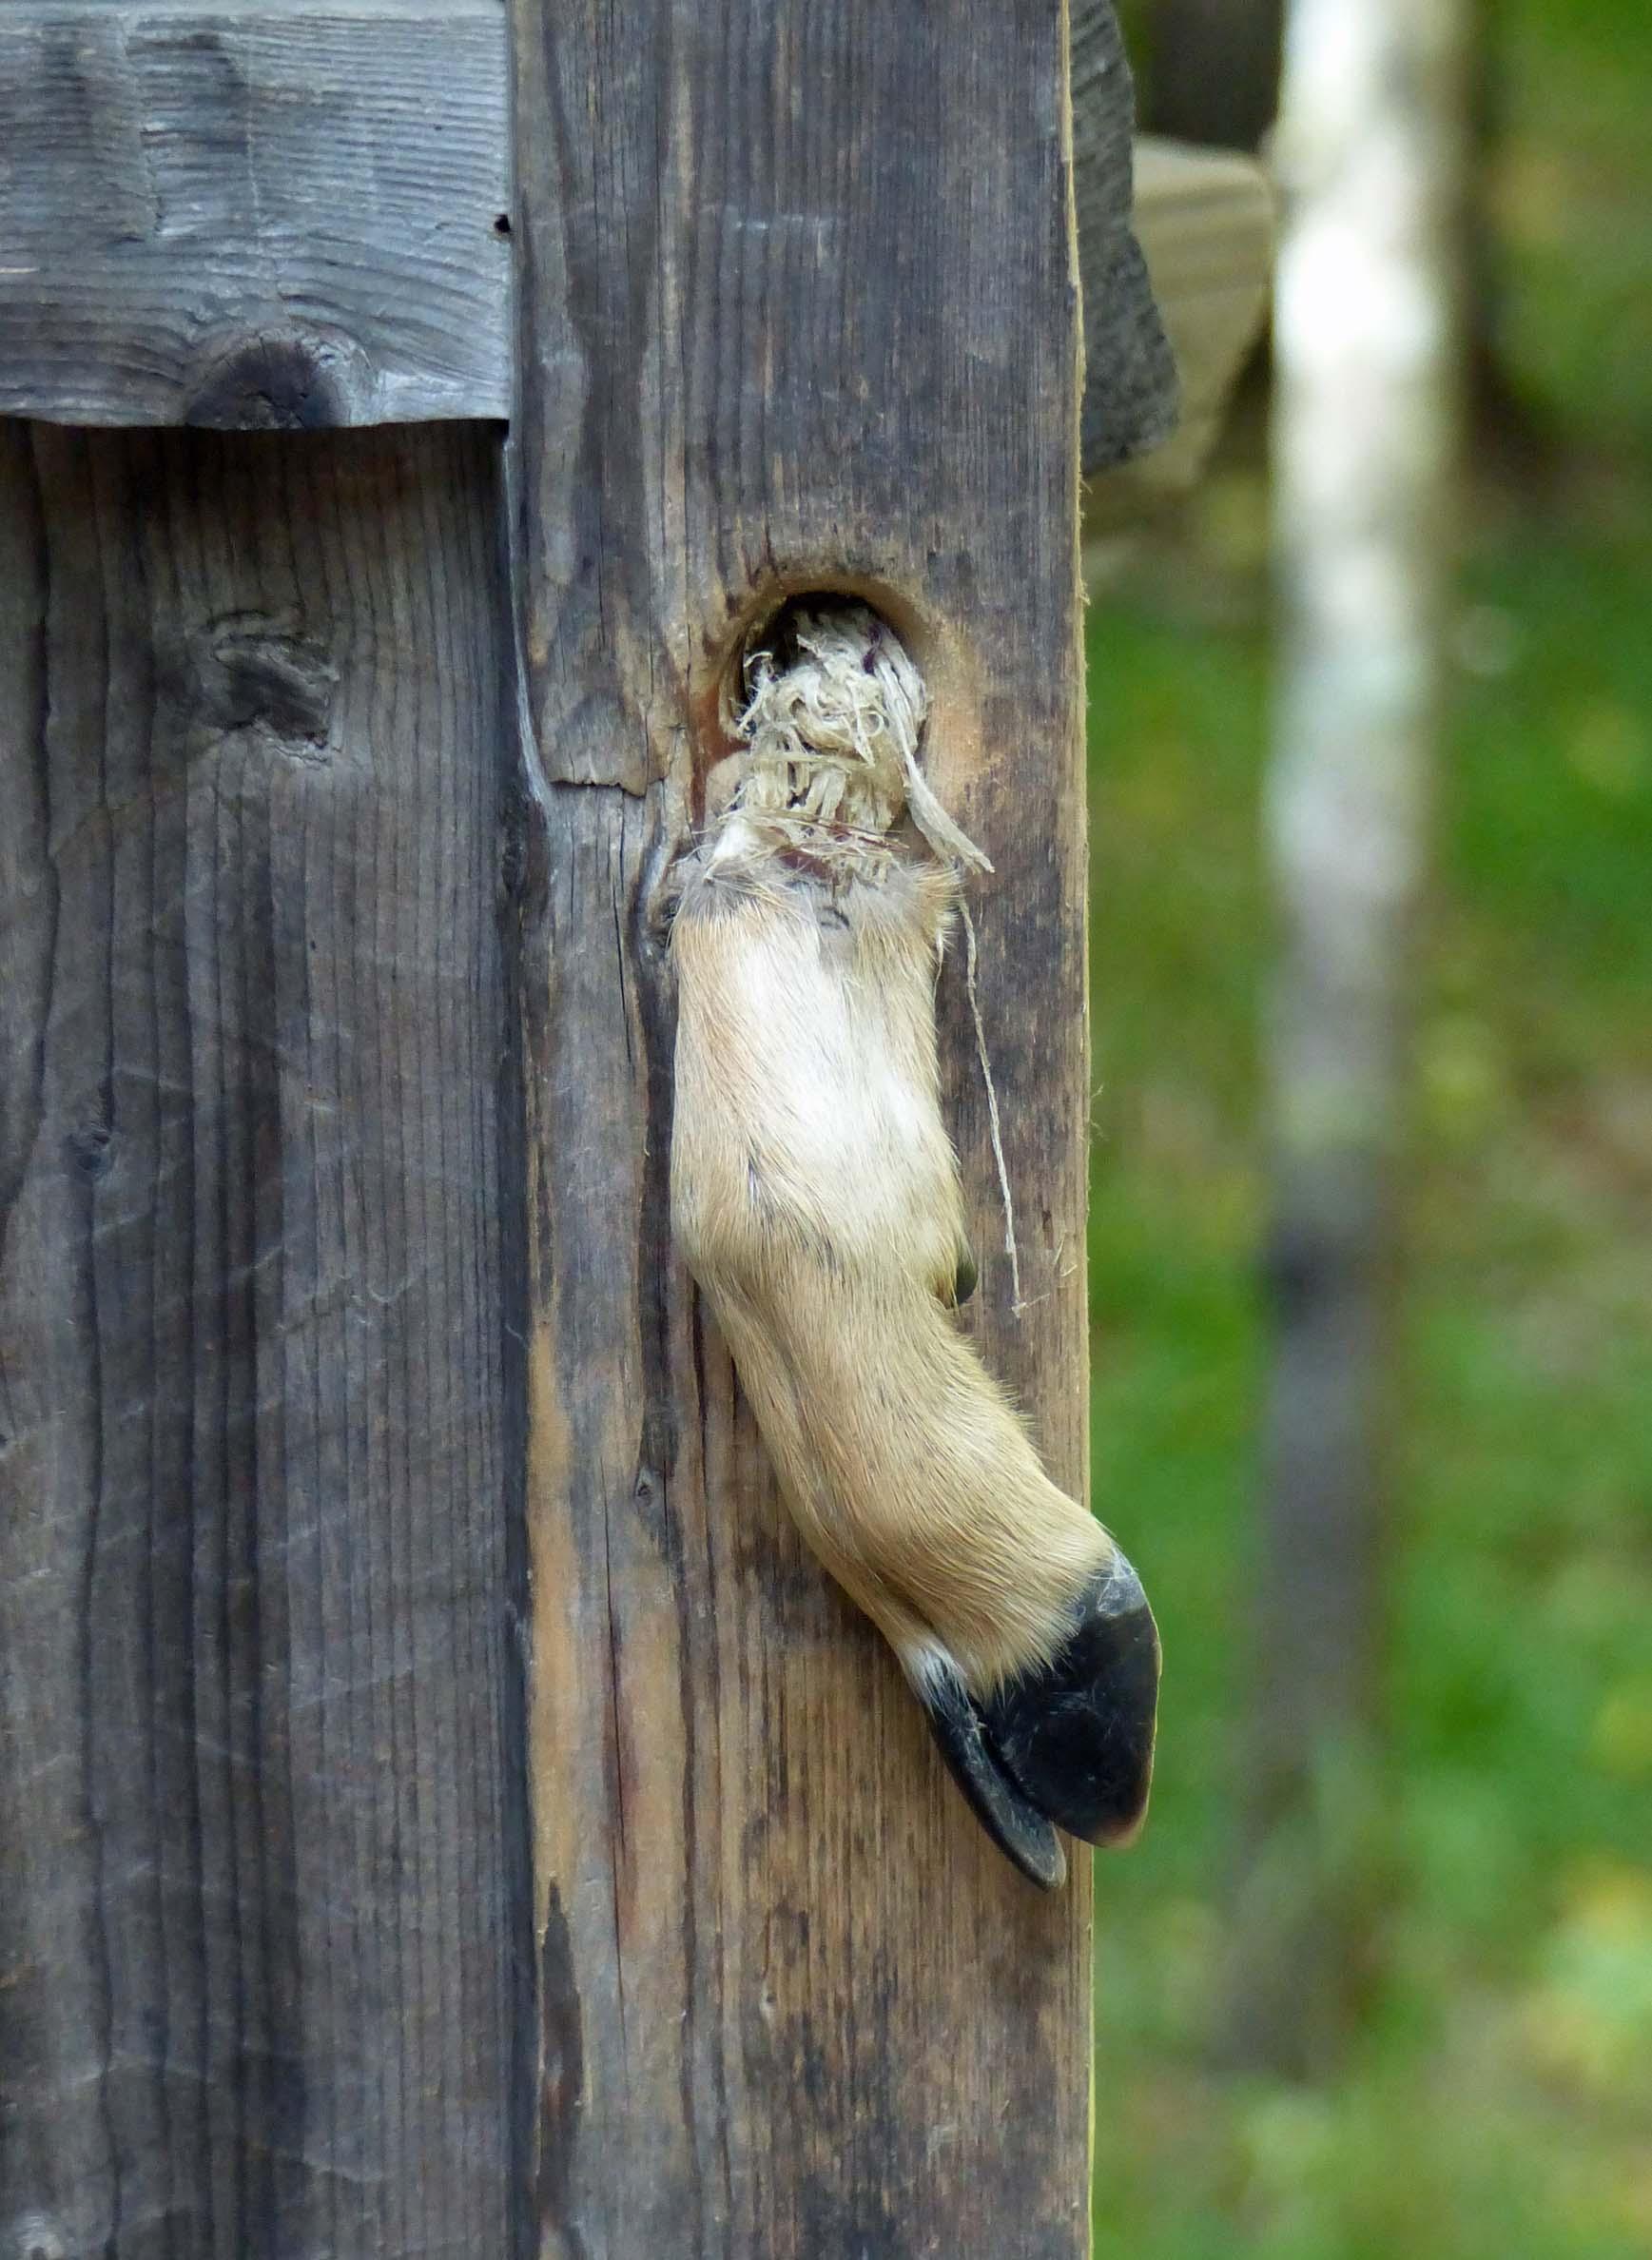 Door handle made from deer's foot